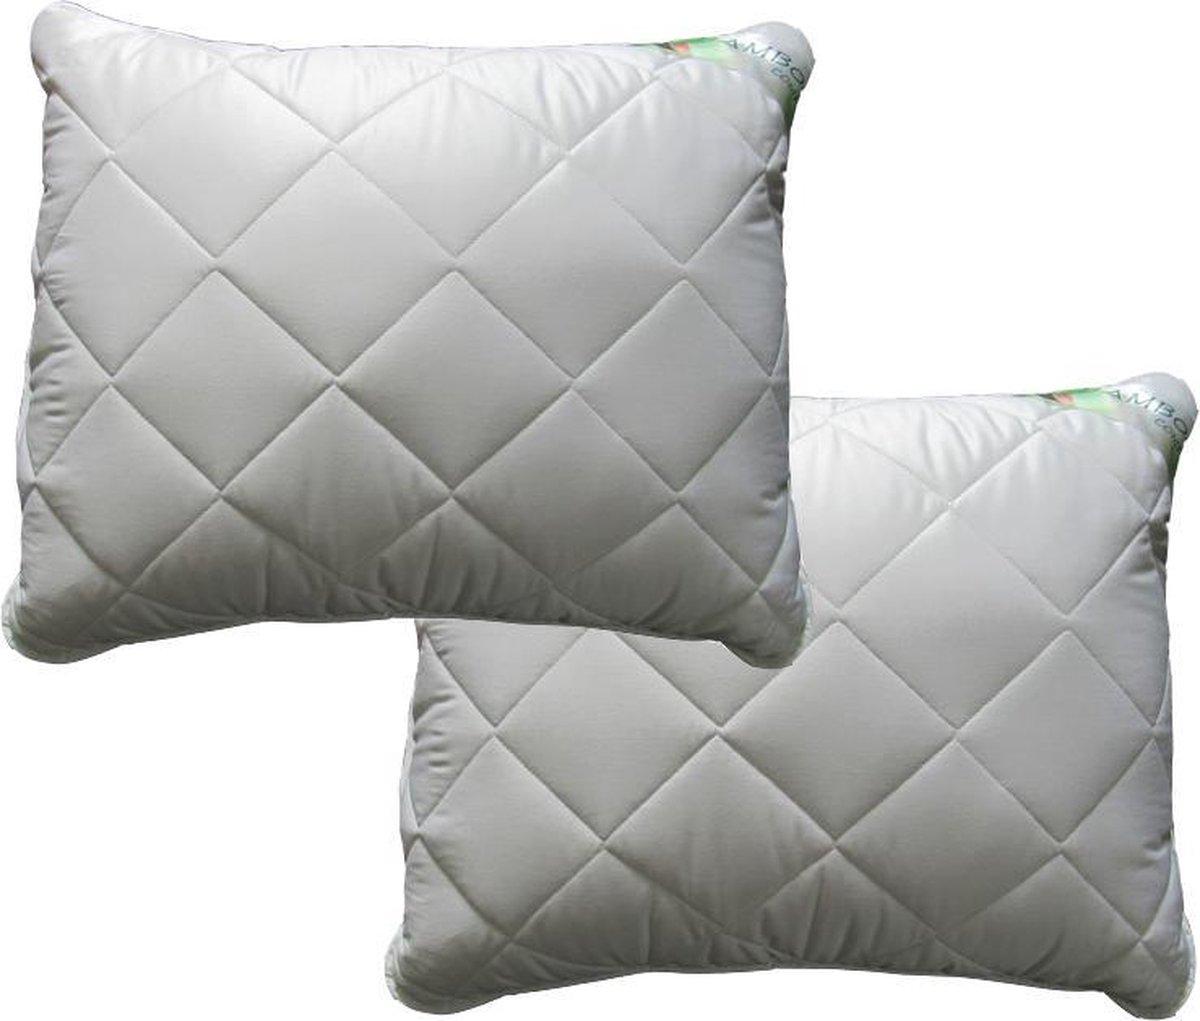 iSleep Bamboo Comfort Hoofdkussen Set (2 Stuks) - 60x70 cm - Wit